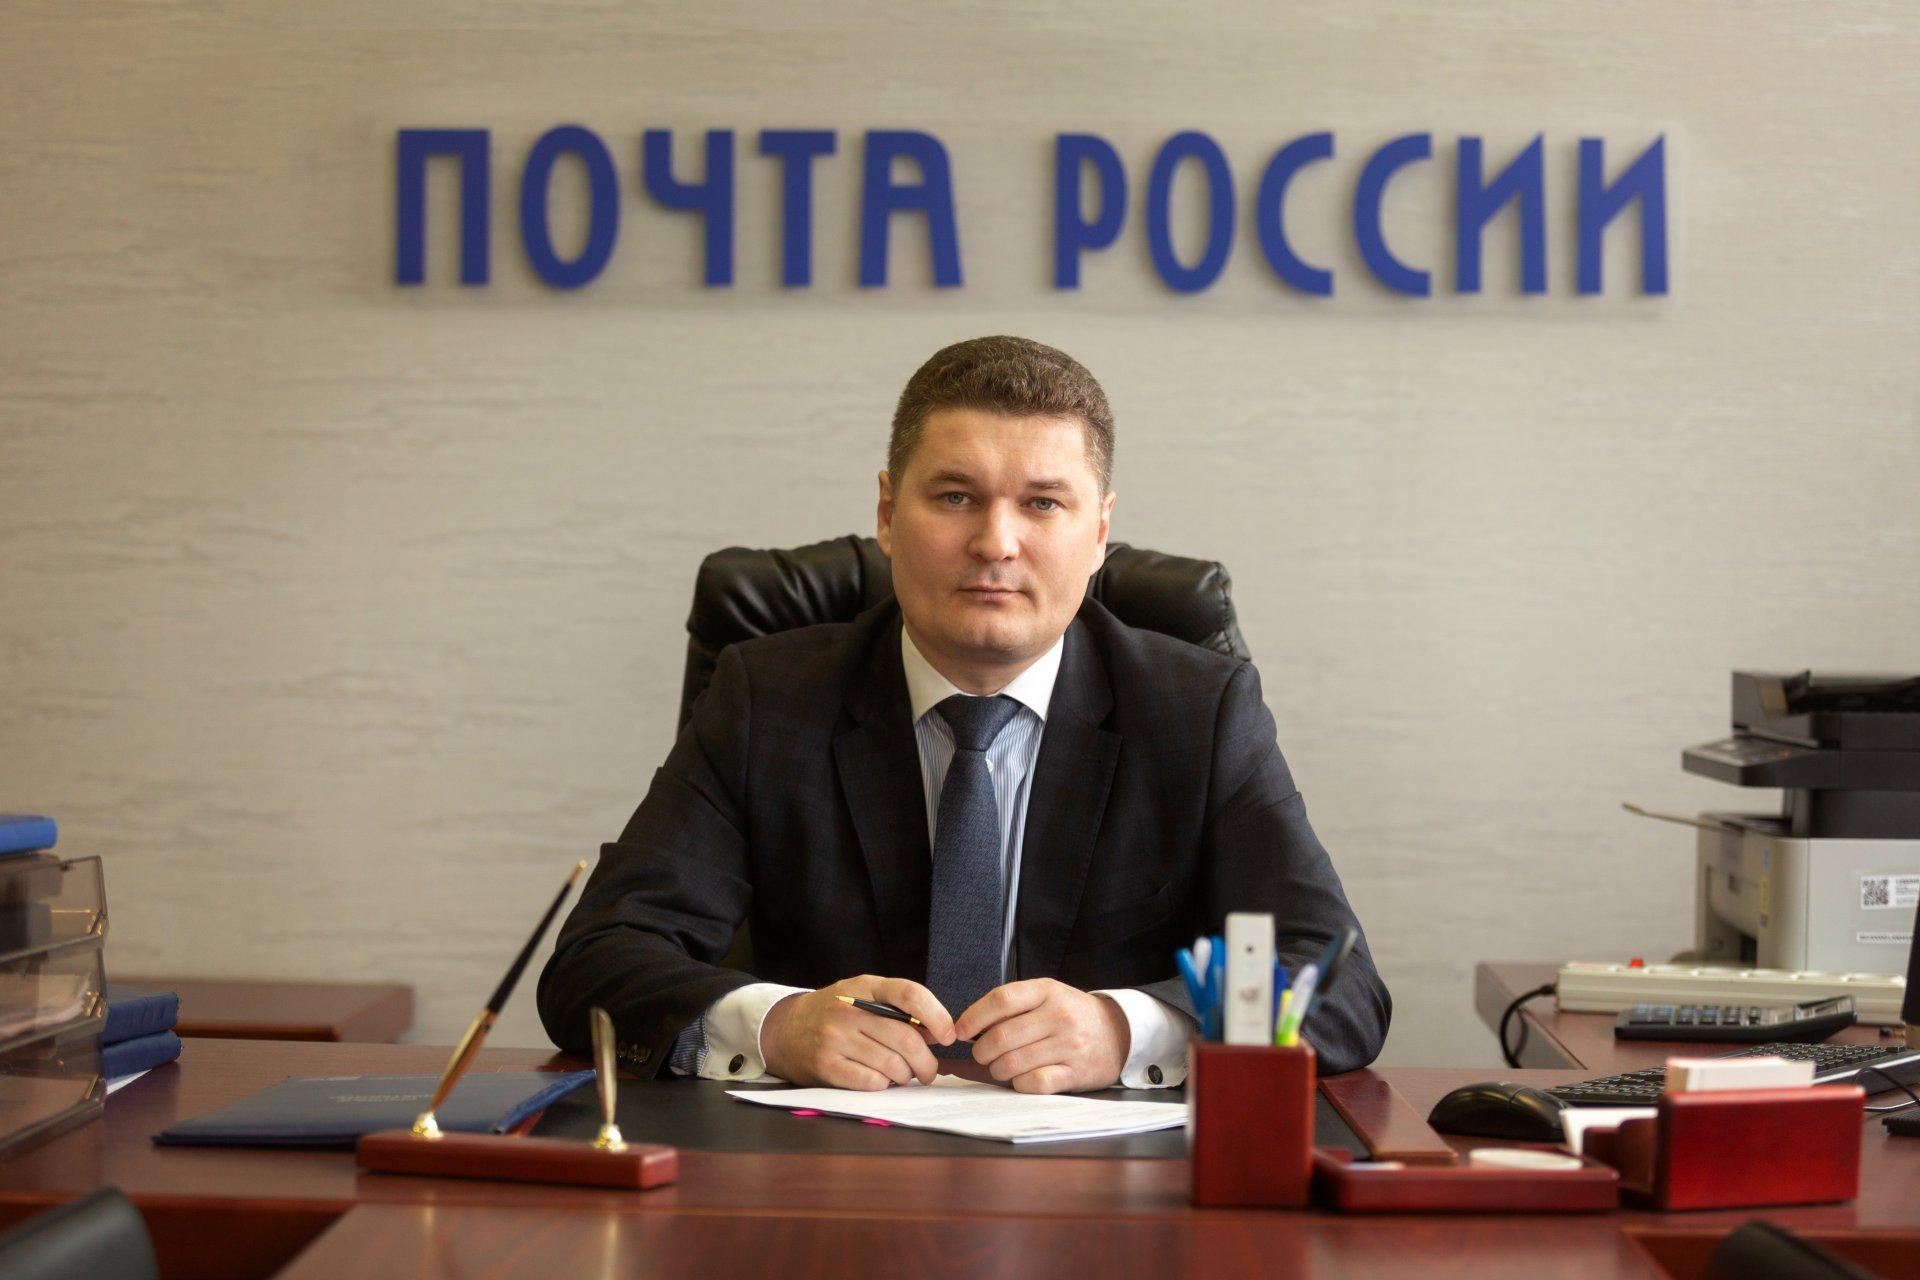 У «Почты России» в Костромской области - новый руководитель